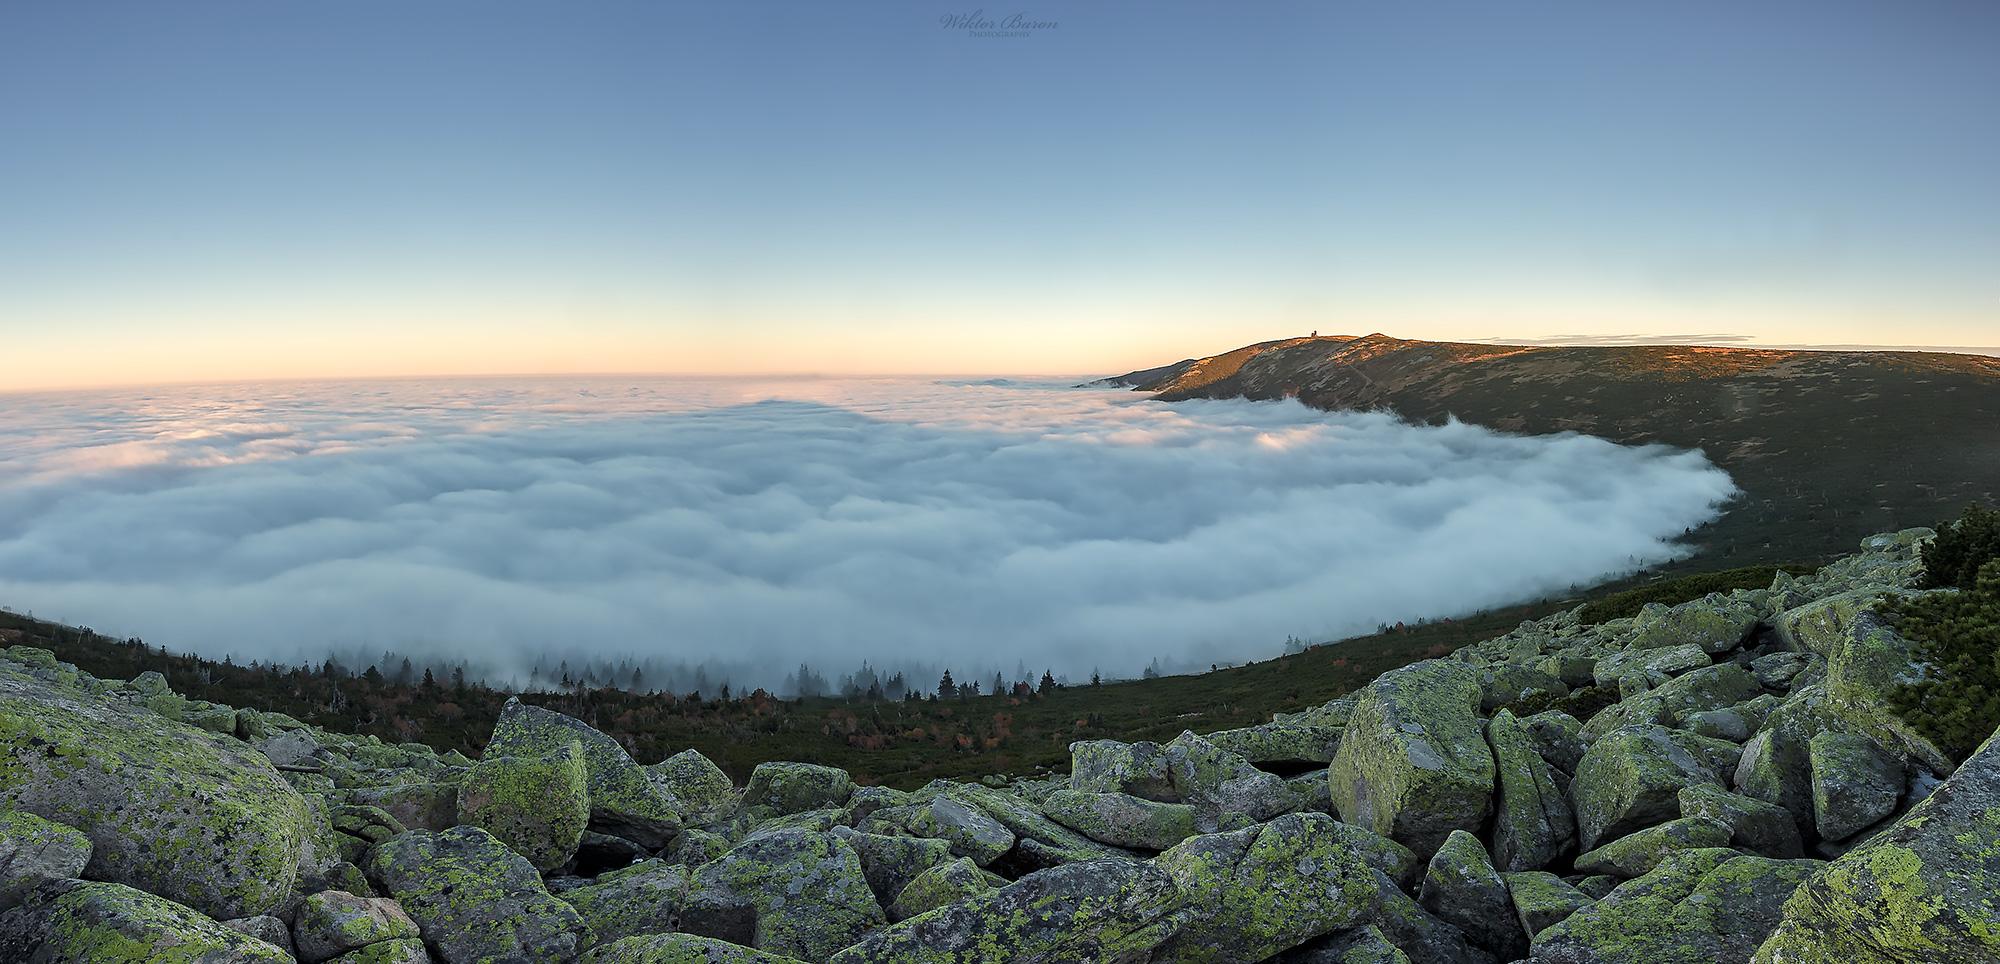 Morze chmur w Szrenickim Kotle